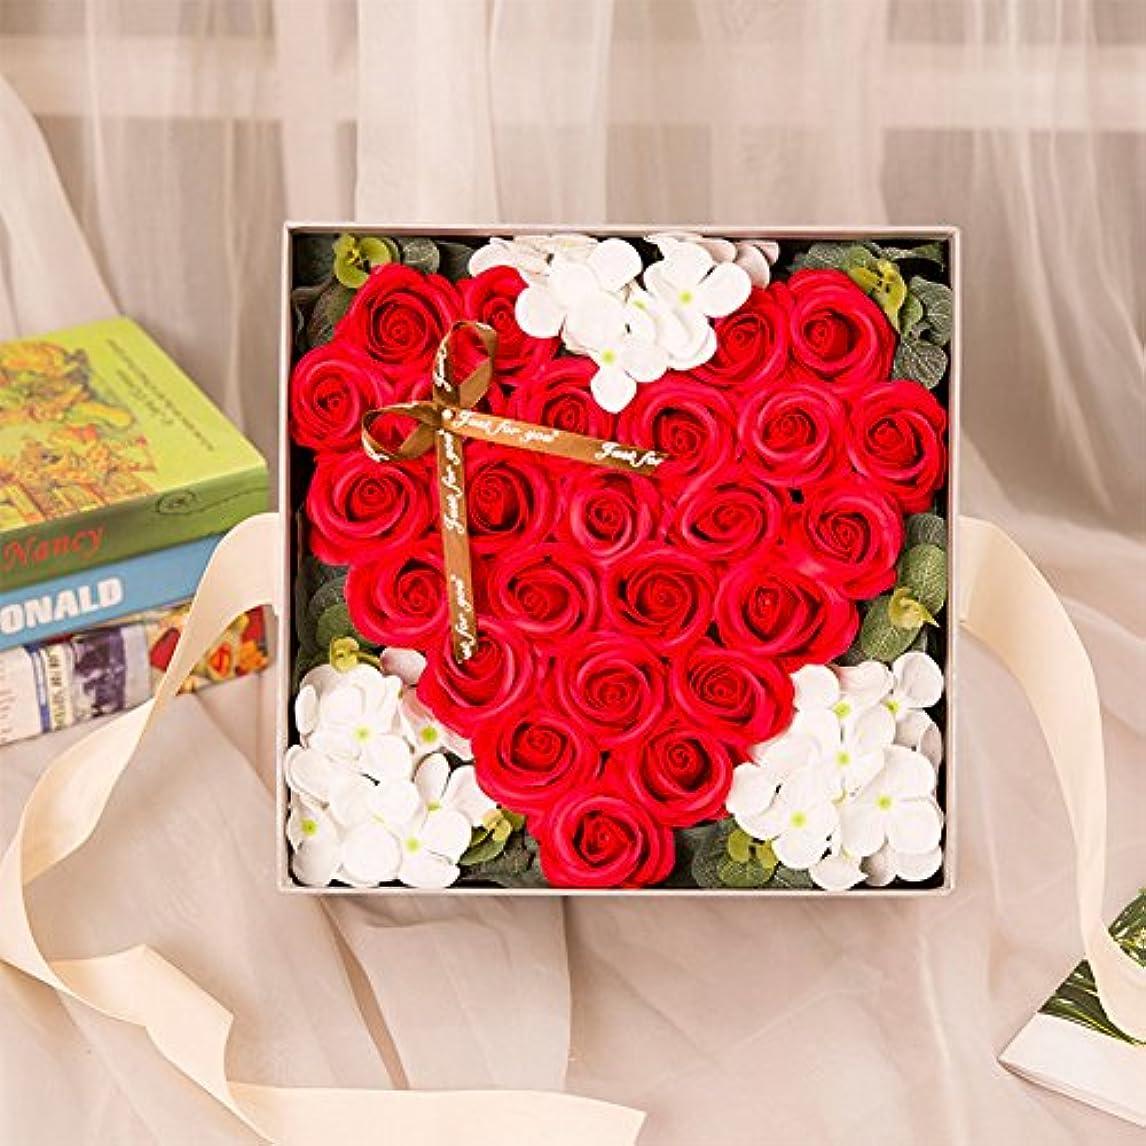 おんどりアナリスト鎖RaiFu クリエイティブ シミュレーションローズ手作り石鹸 ギフトボックスホームデコレーション ユニークなギフト 赤い桃の心